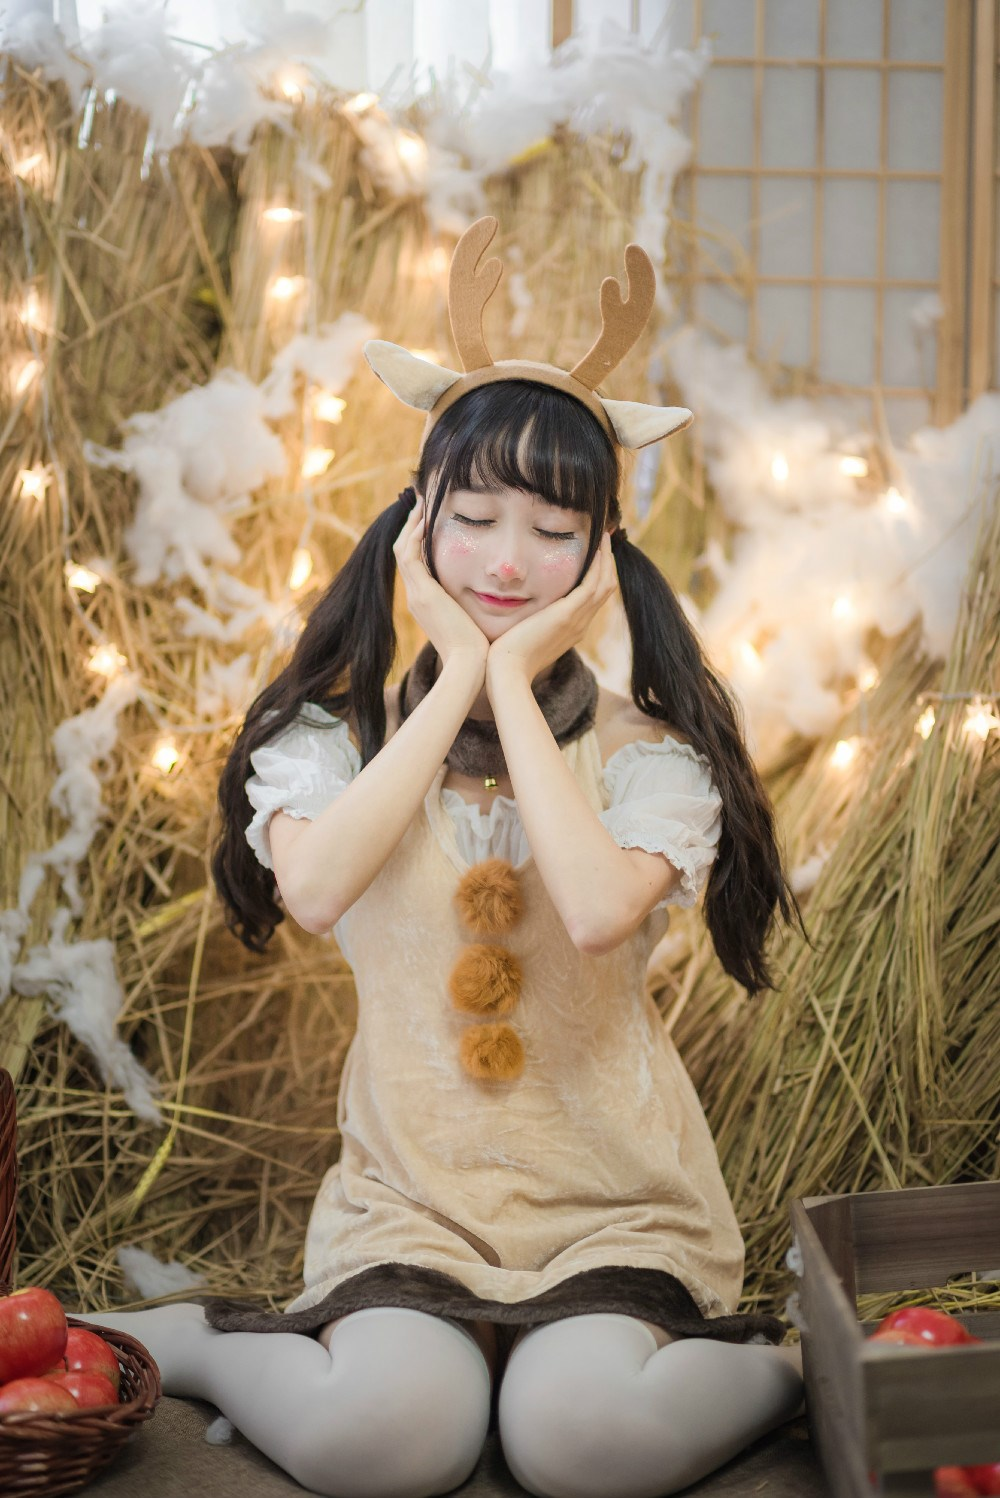 【兔玩映画】【免费】圣诞节的特别福利 兔玩映画 第43张